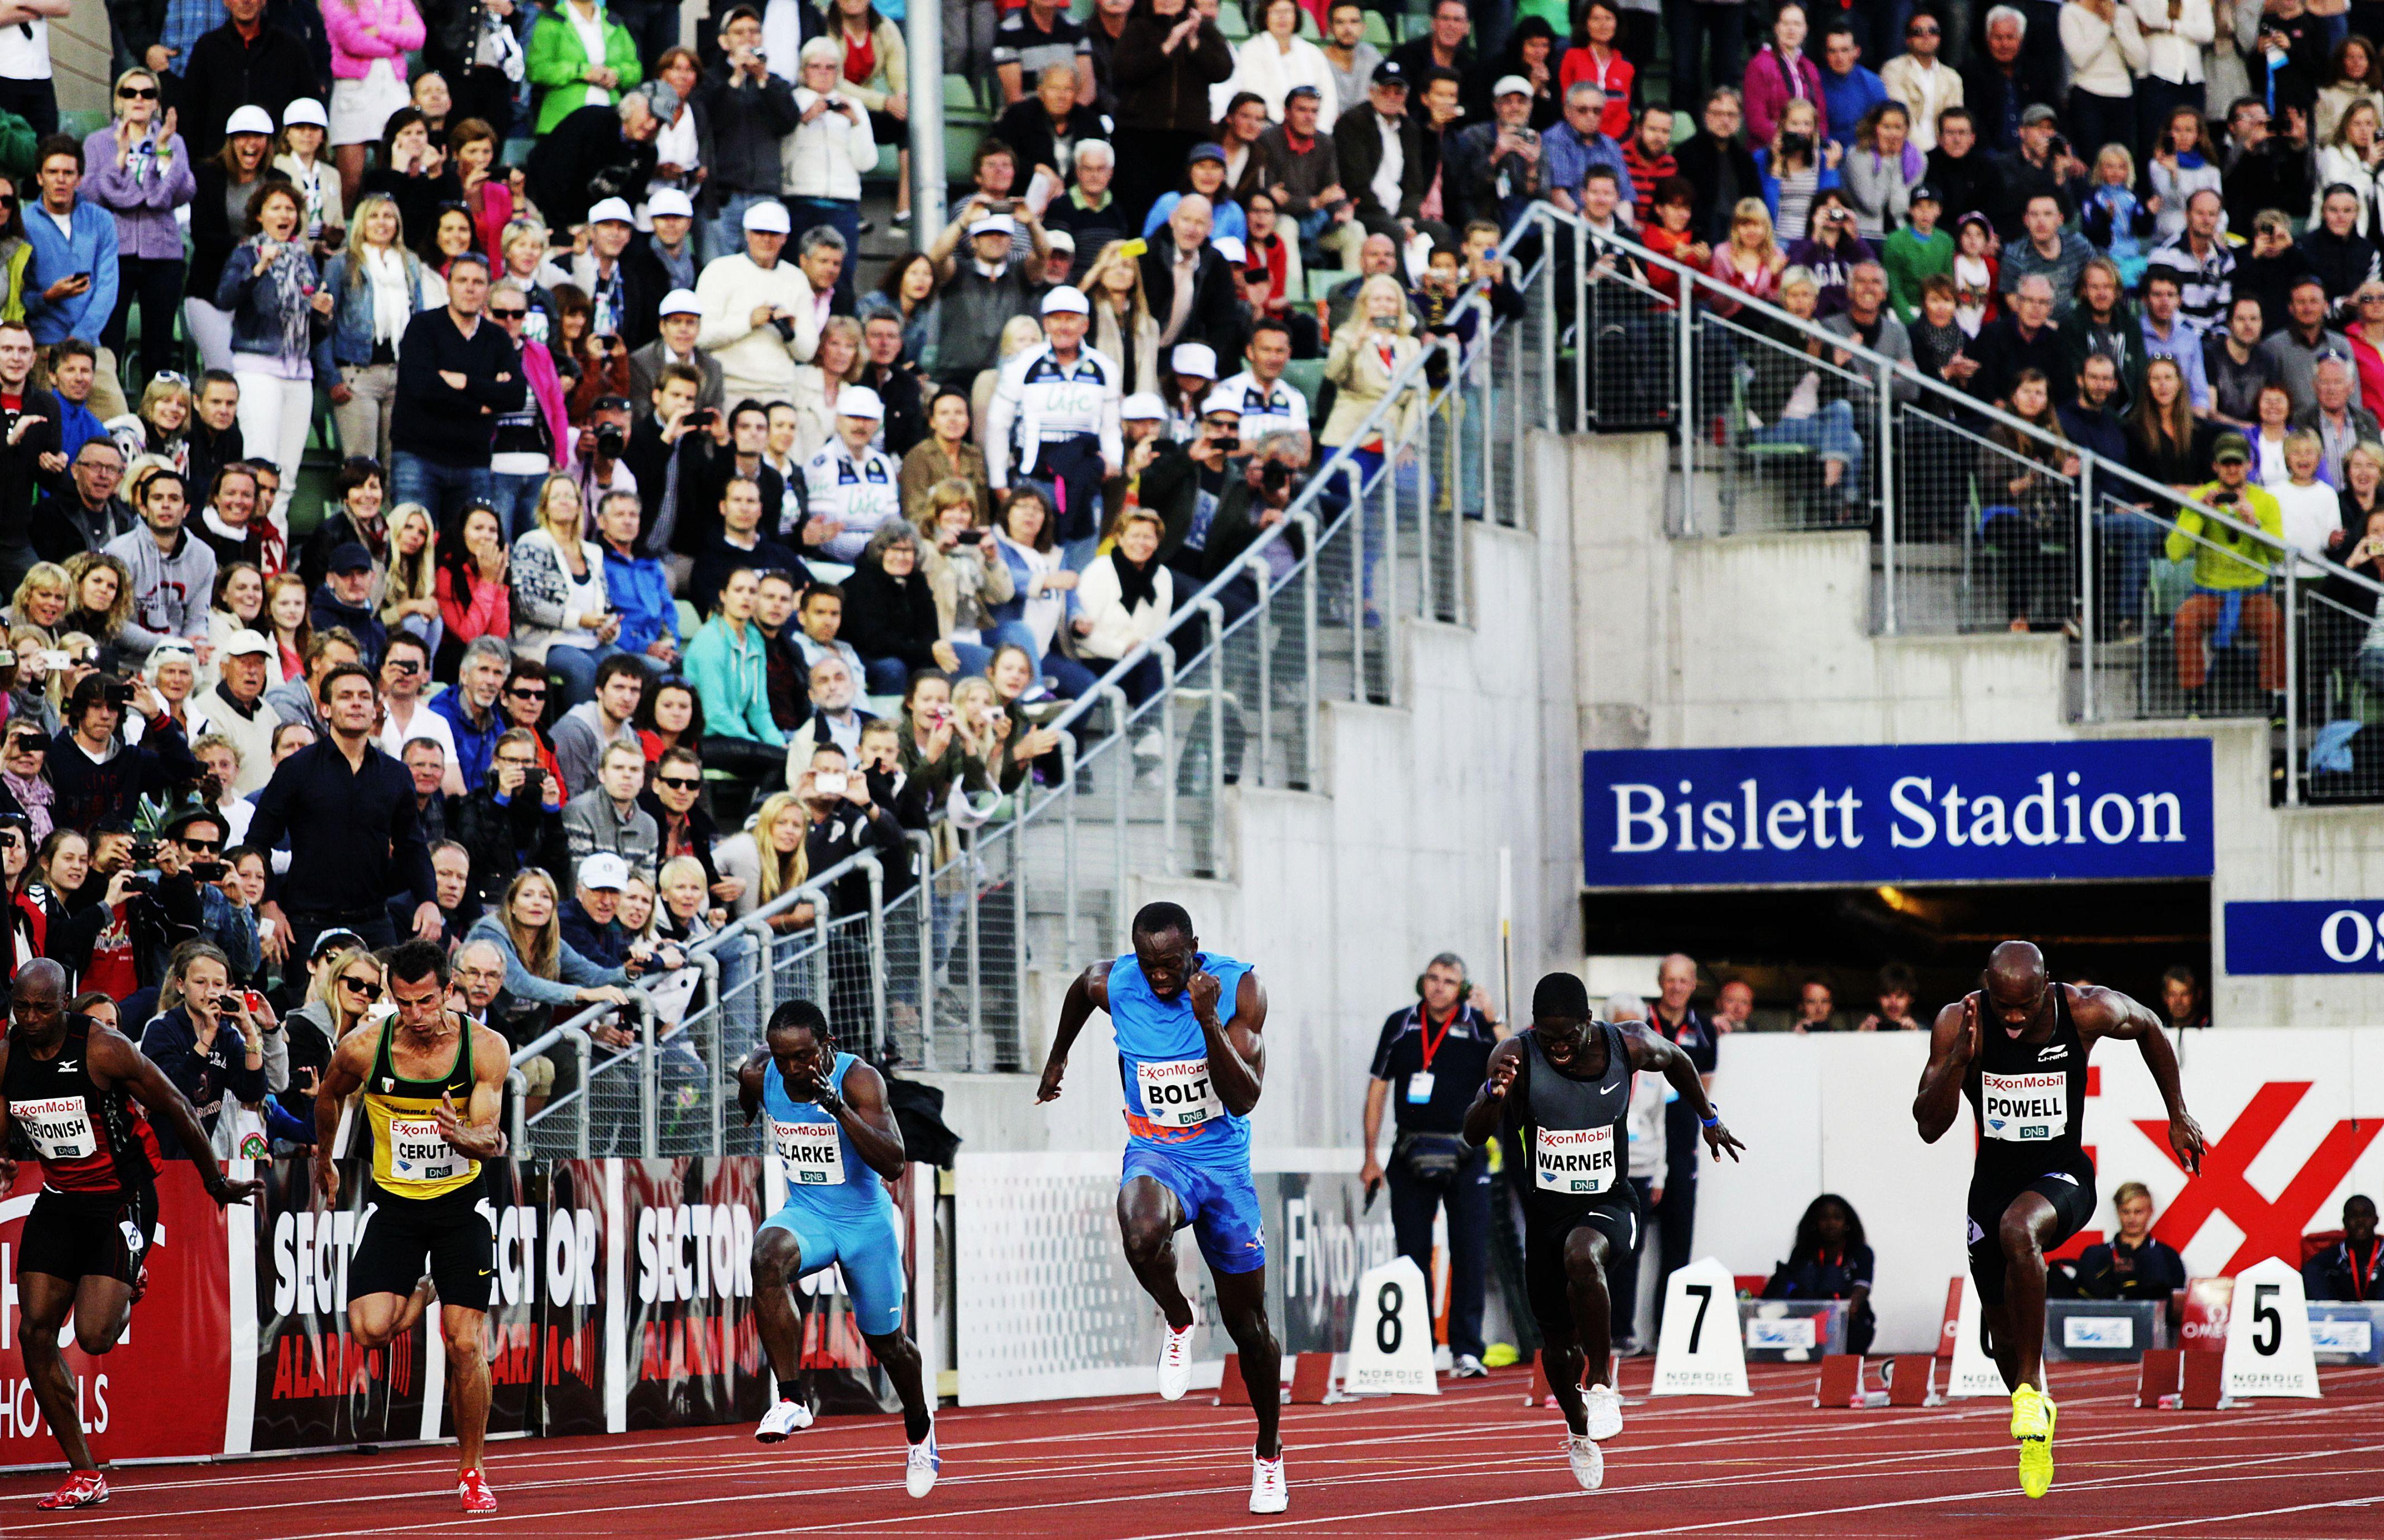 Oslo Bislett Games Bislett Games Oslo 2012